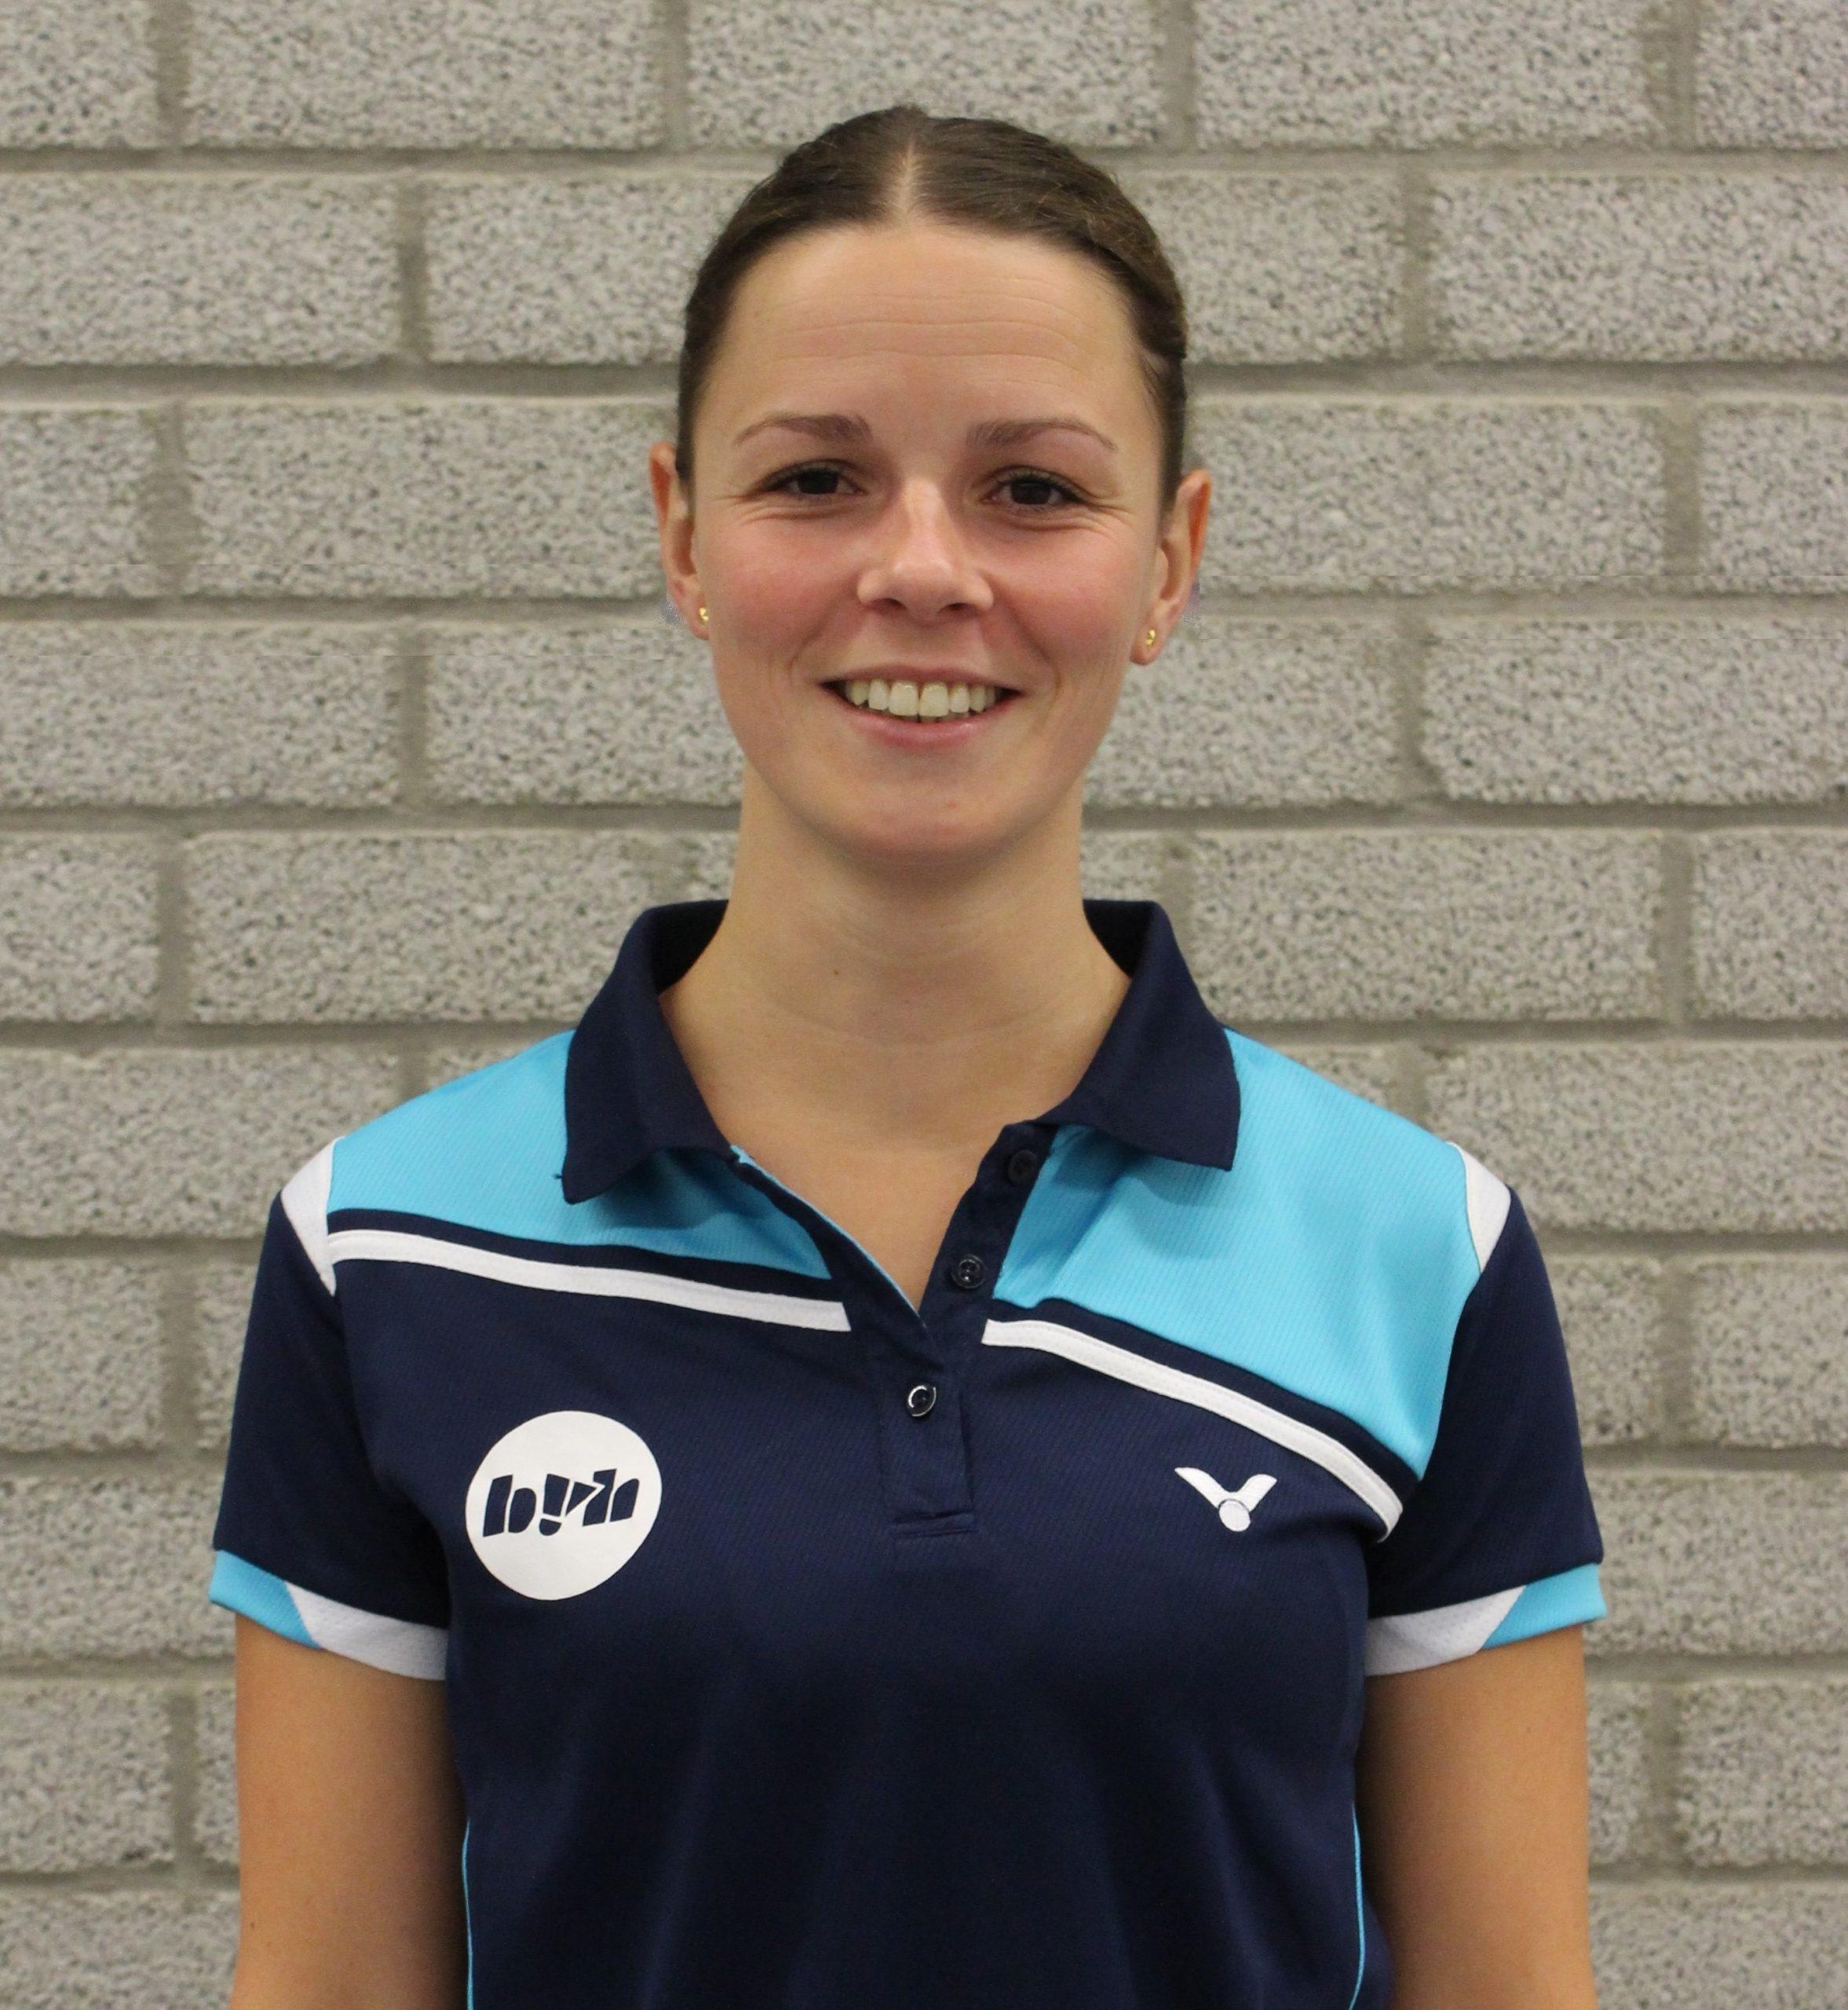 Nicole ten Hulscher